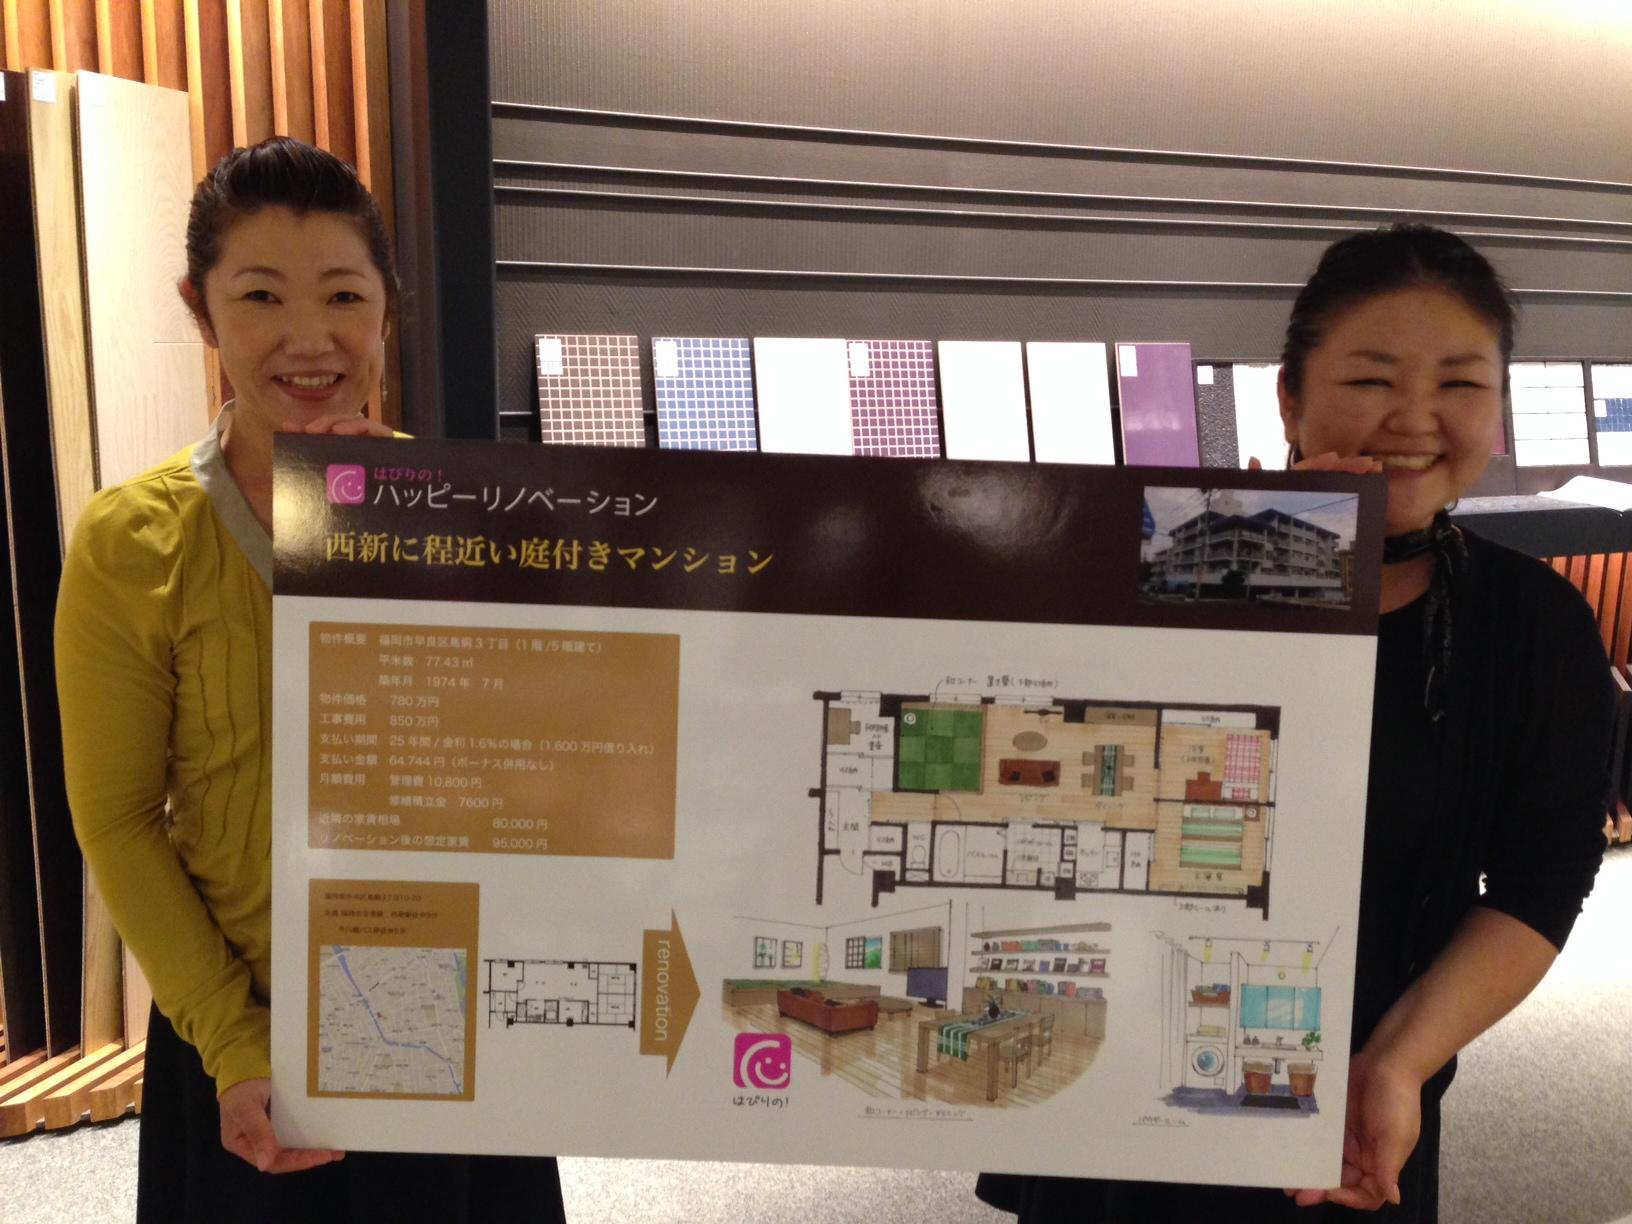 説明会を開催しました♪ in サンワカンパニー福岡ショールーム